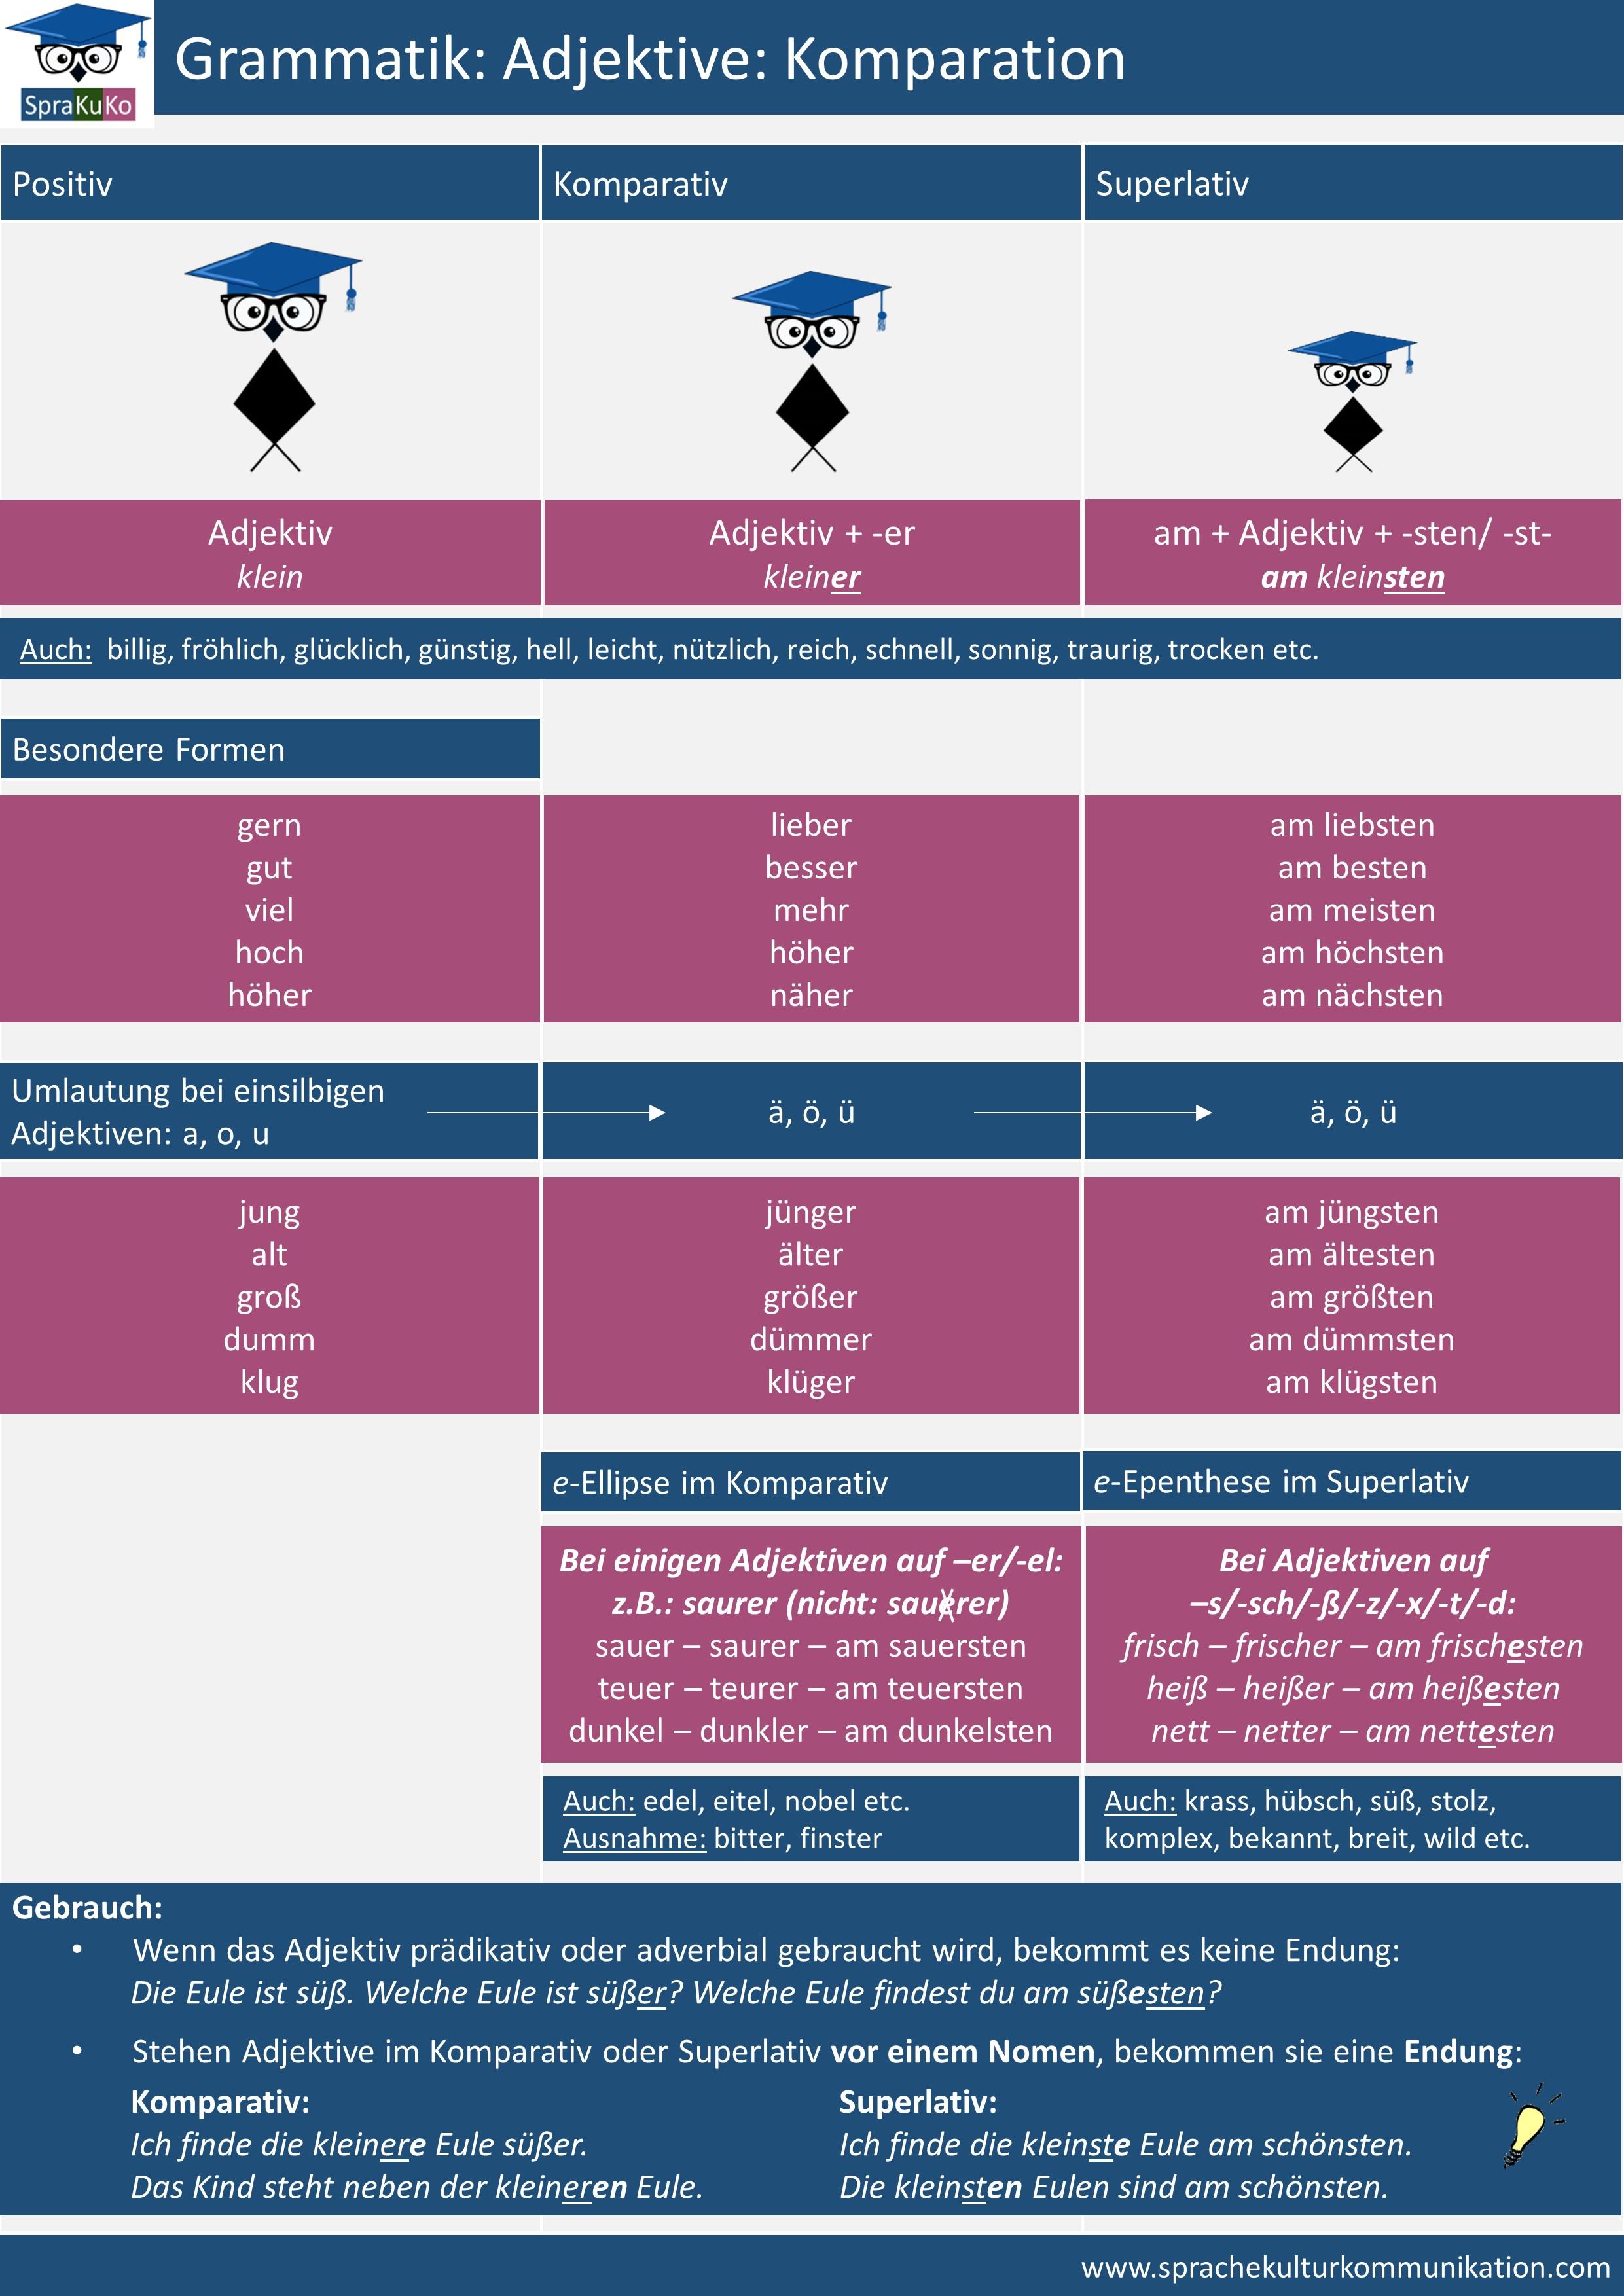 Adjektive - Komparation.jpg